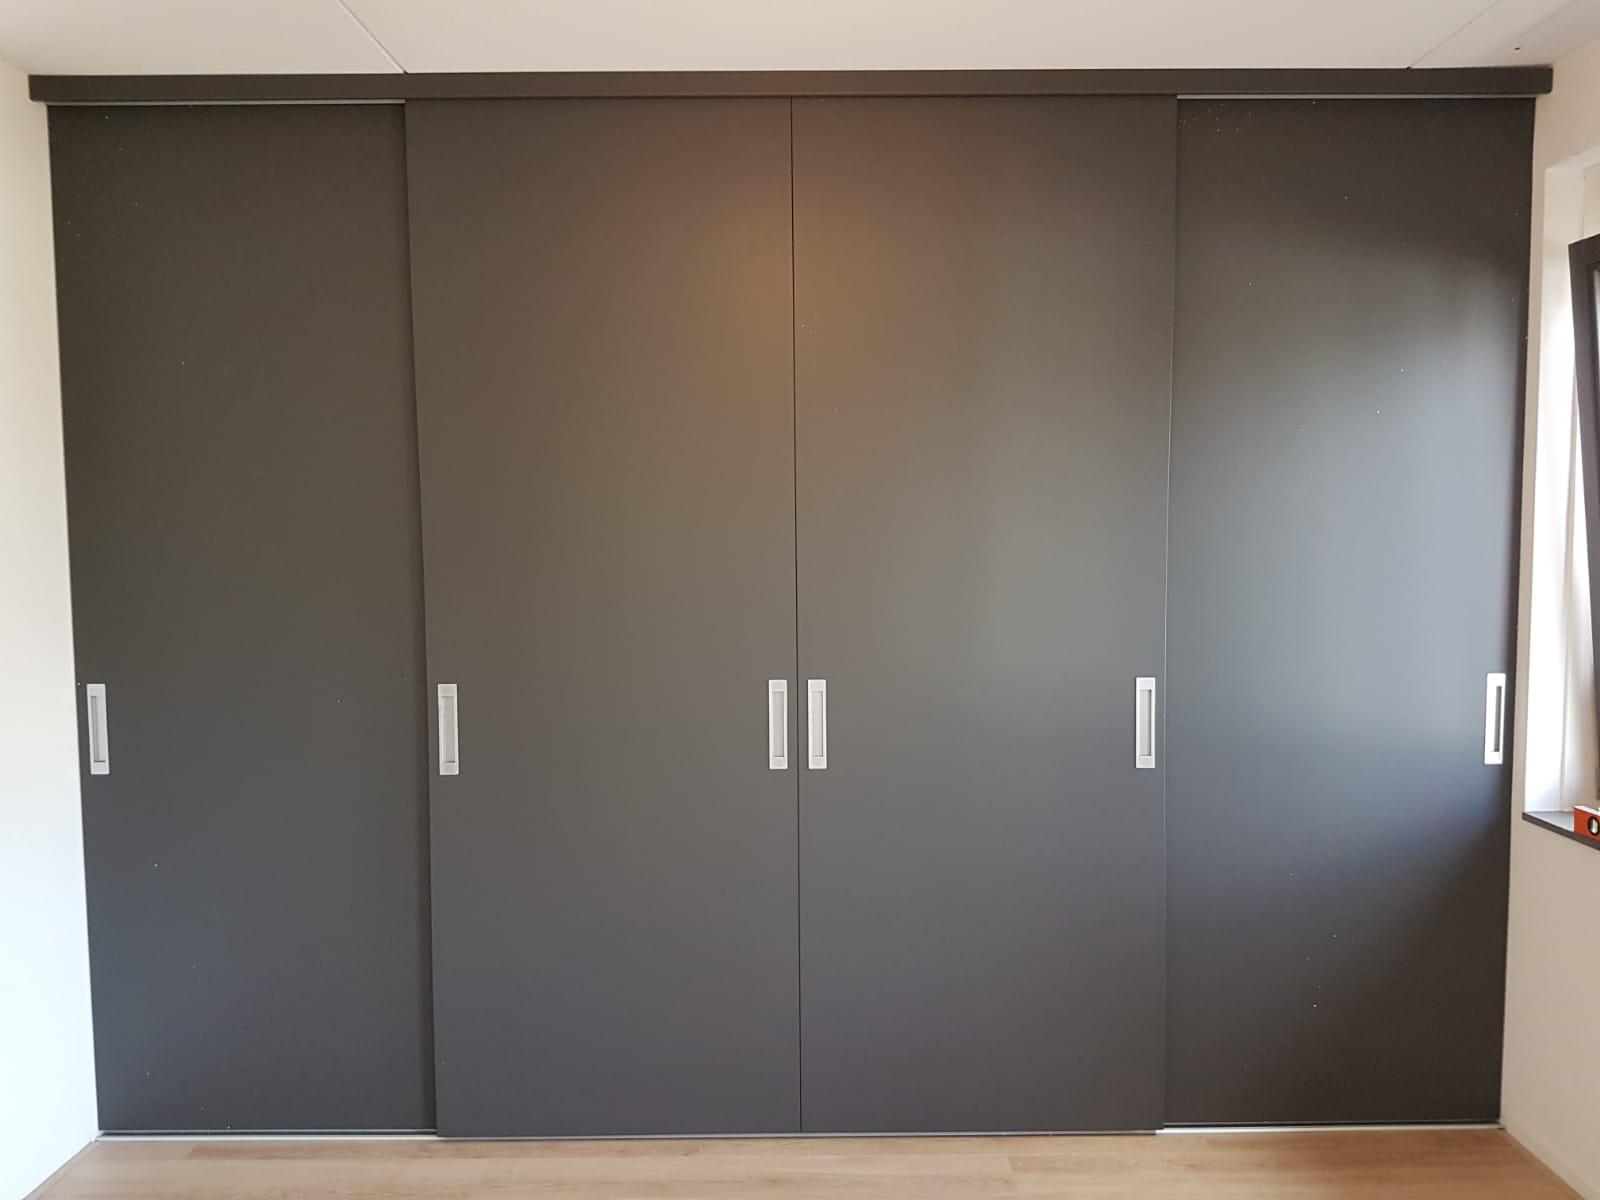 Badkamer Verwarming Hubo : Goedkope keuken hubo badkamer houtpanelen hot panel coker test